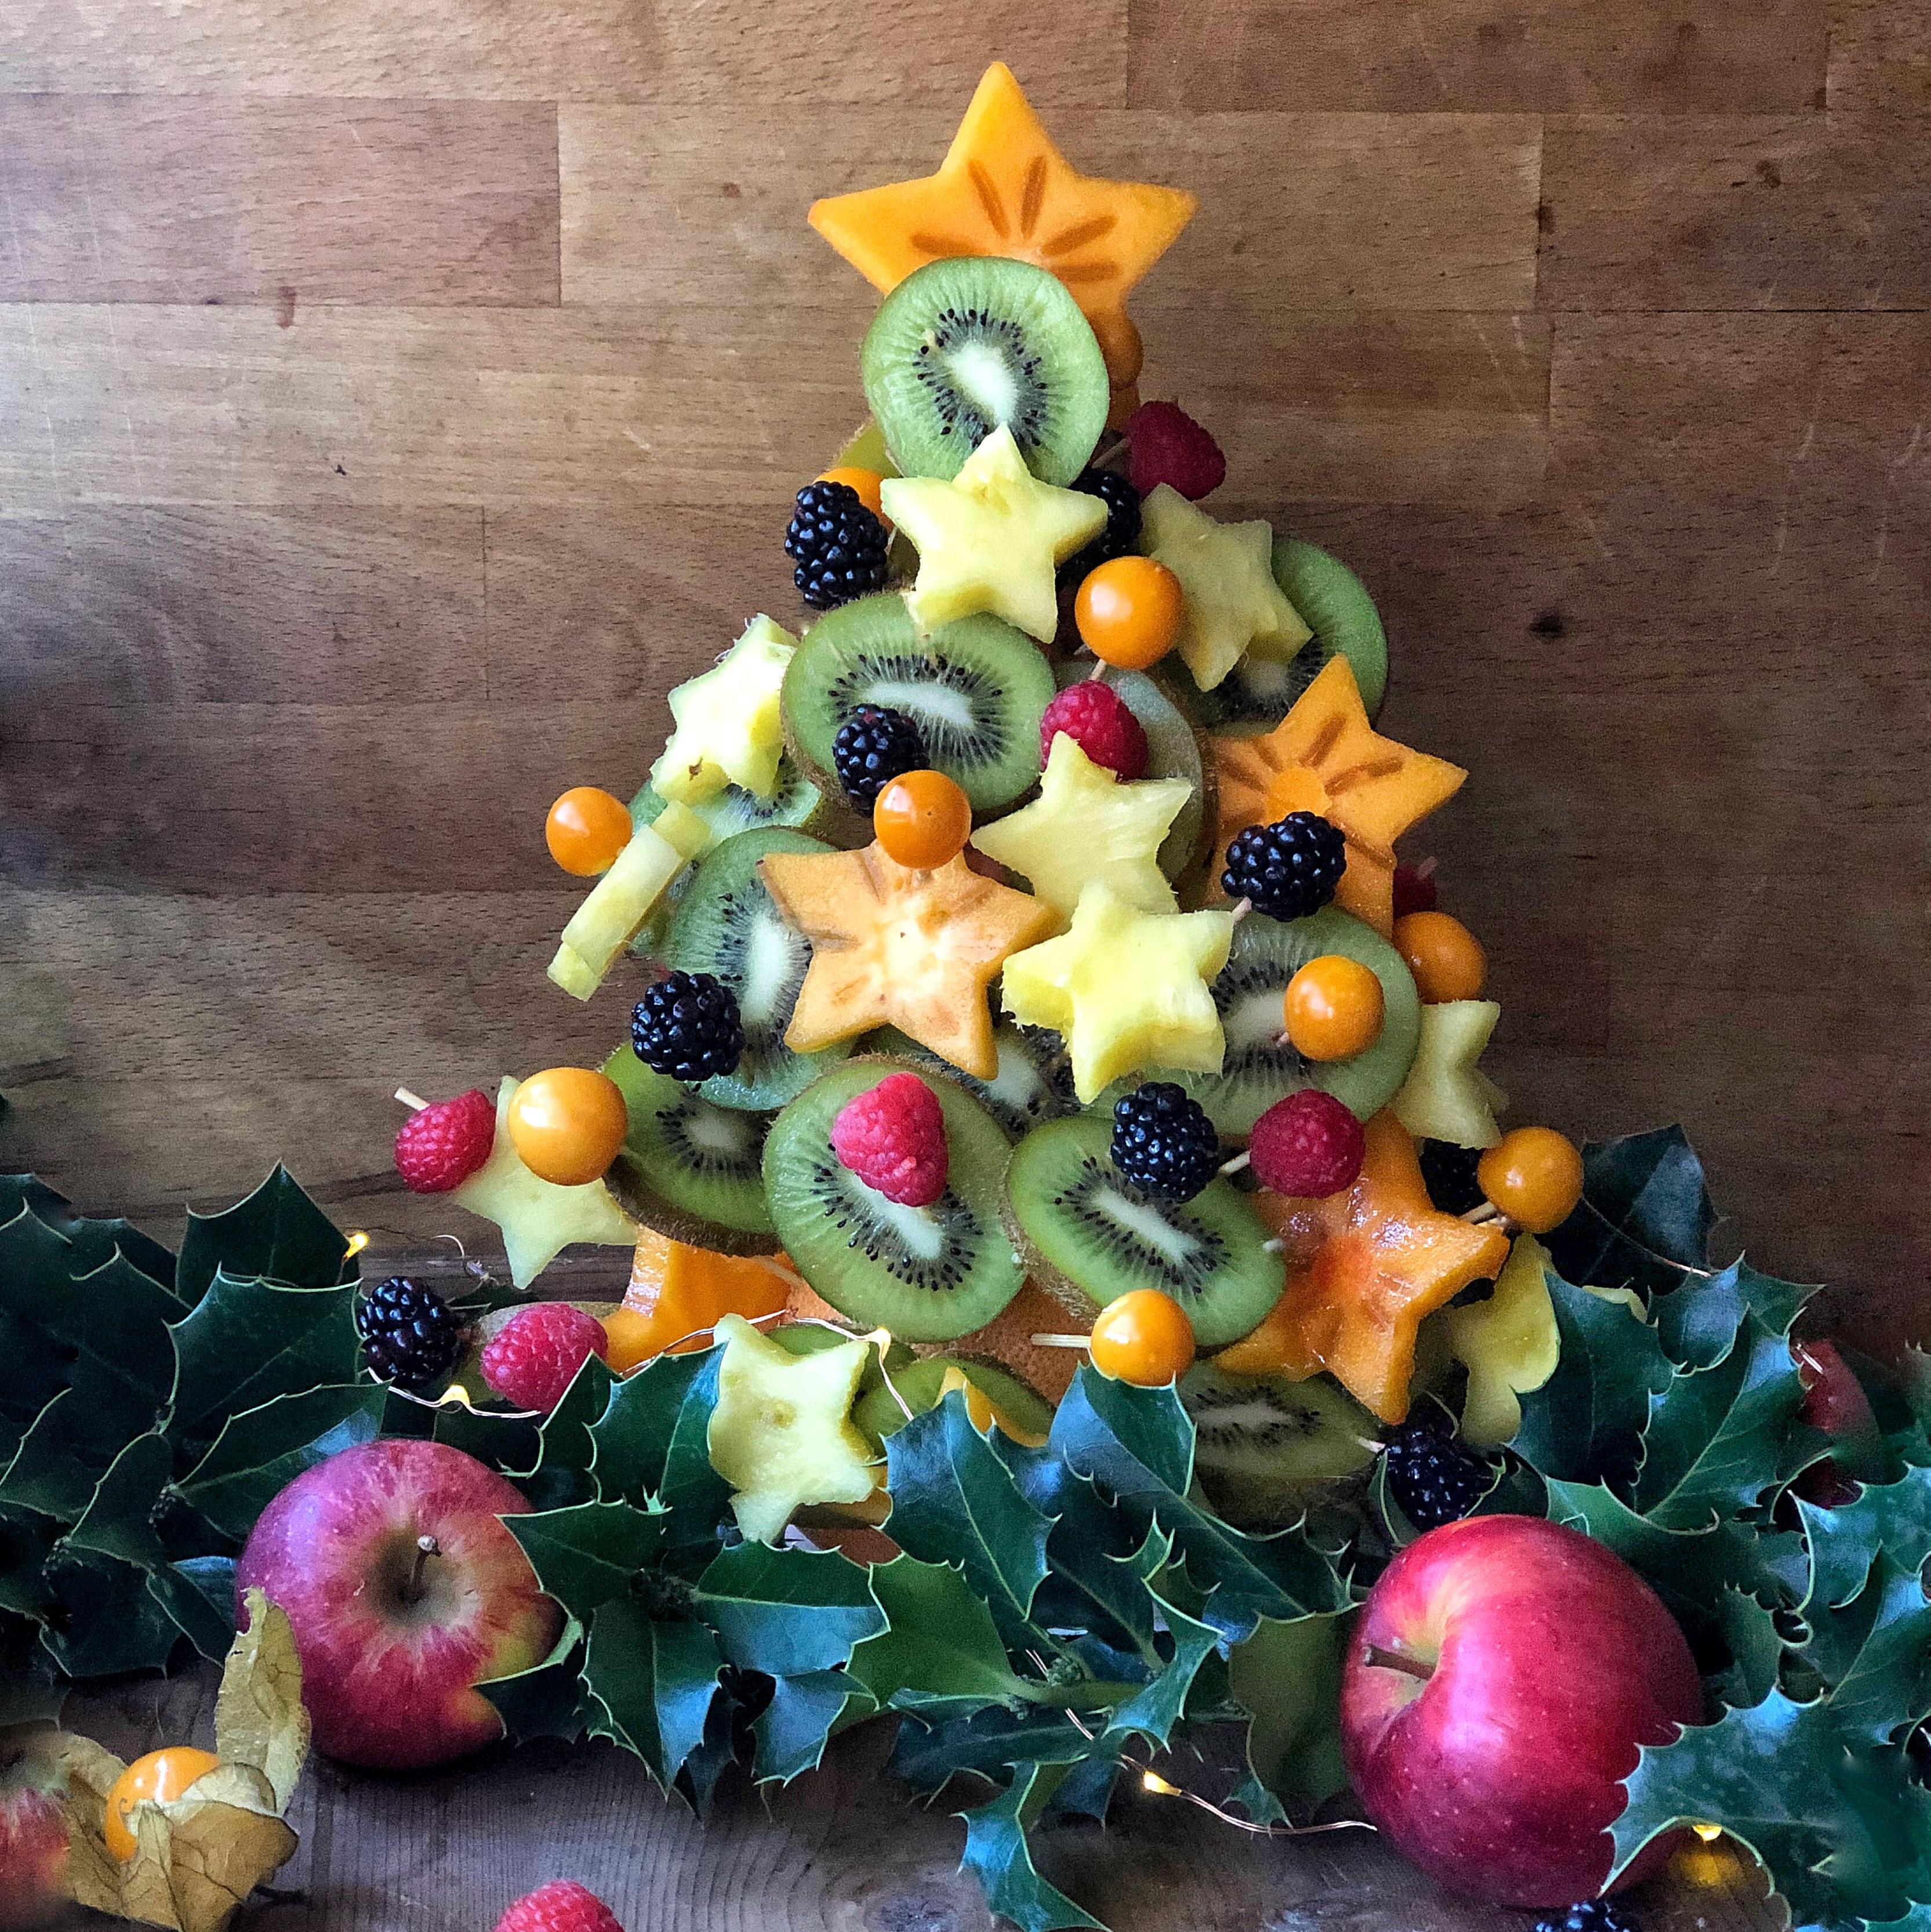 albero-di-natale-di-frutta